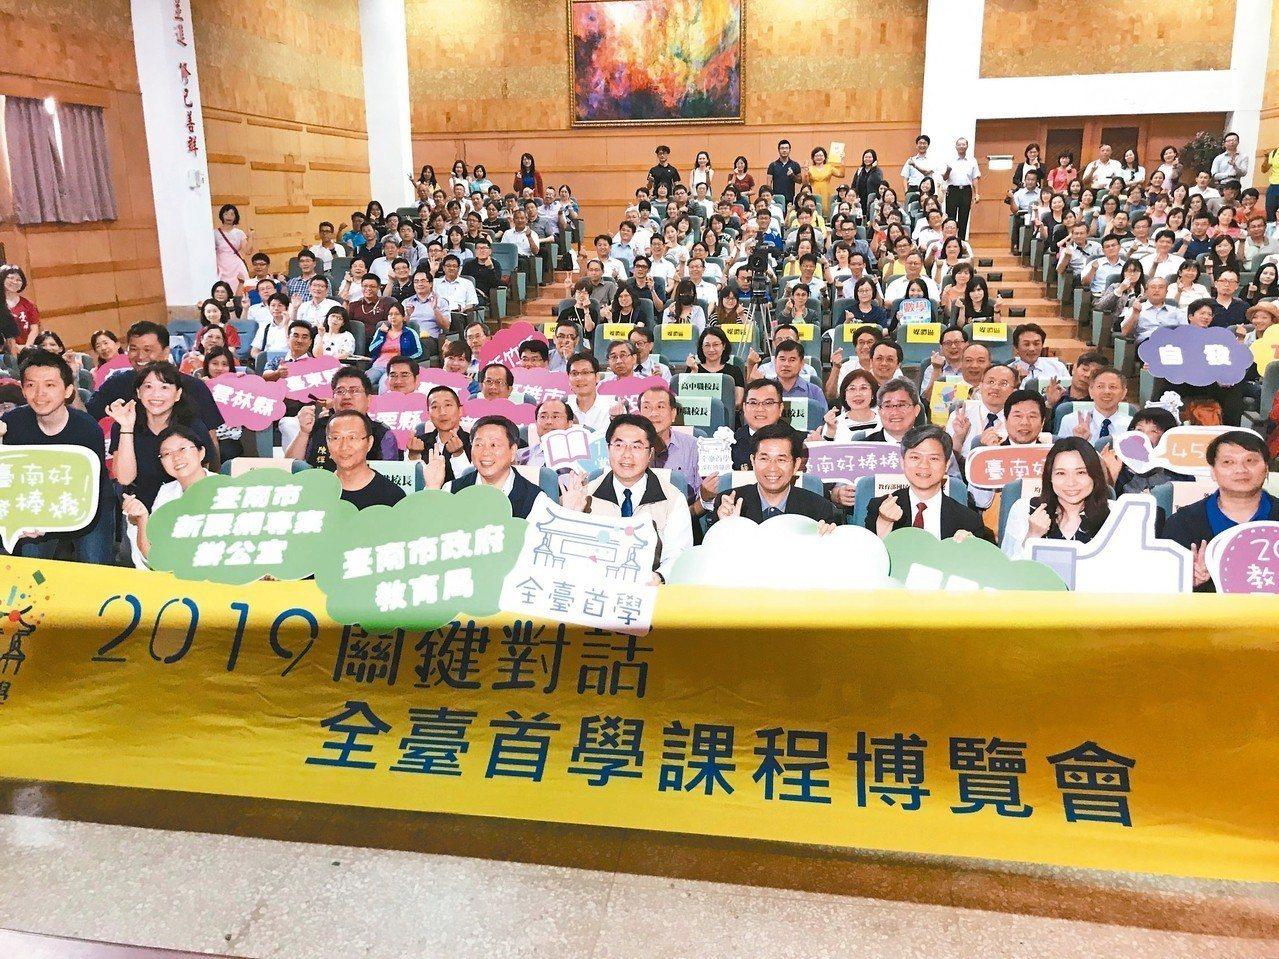 台南市政府昨在台南一中舉辦「全台首學課程博覽會」,教育部長潘文忠(右四)、台南市...